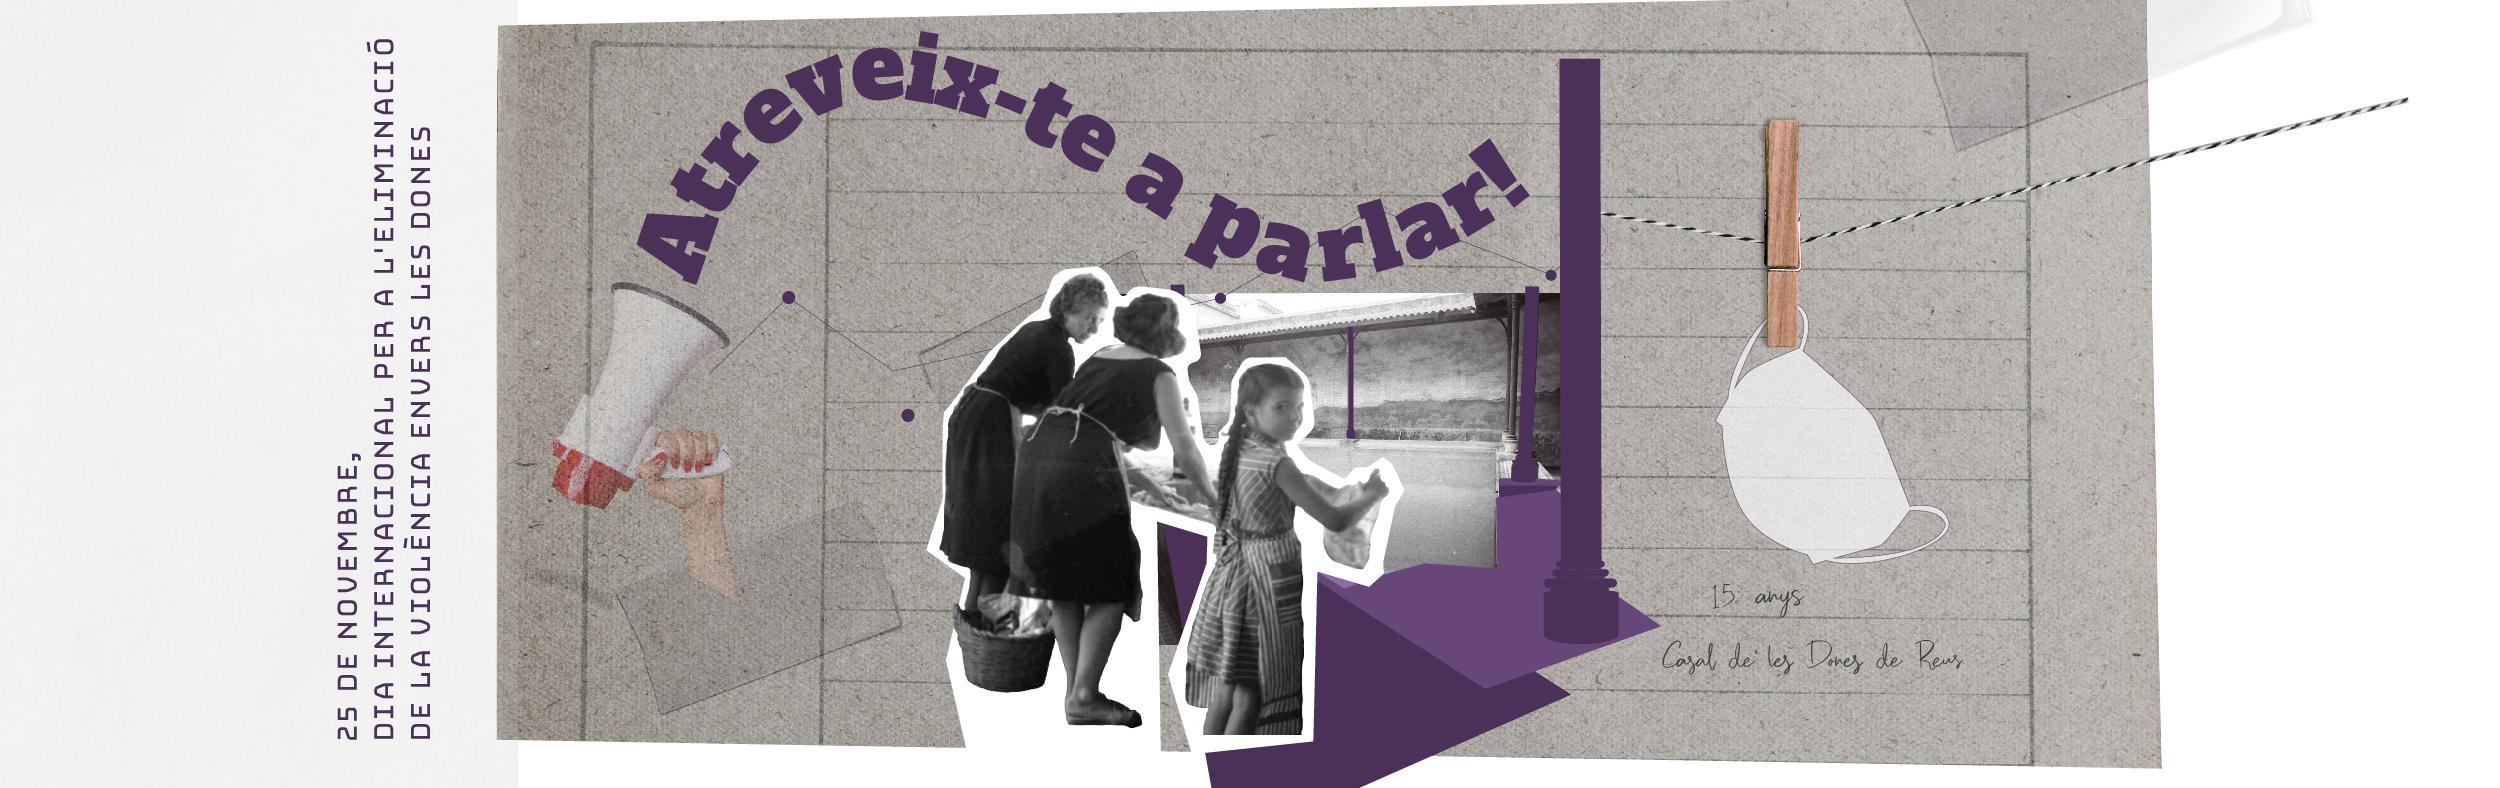 Dia Internacional per a l'Eliminació de la Violència envers les Dones, 25 de novembre